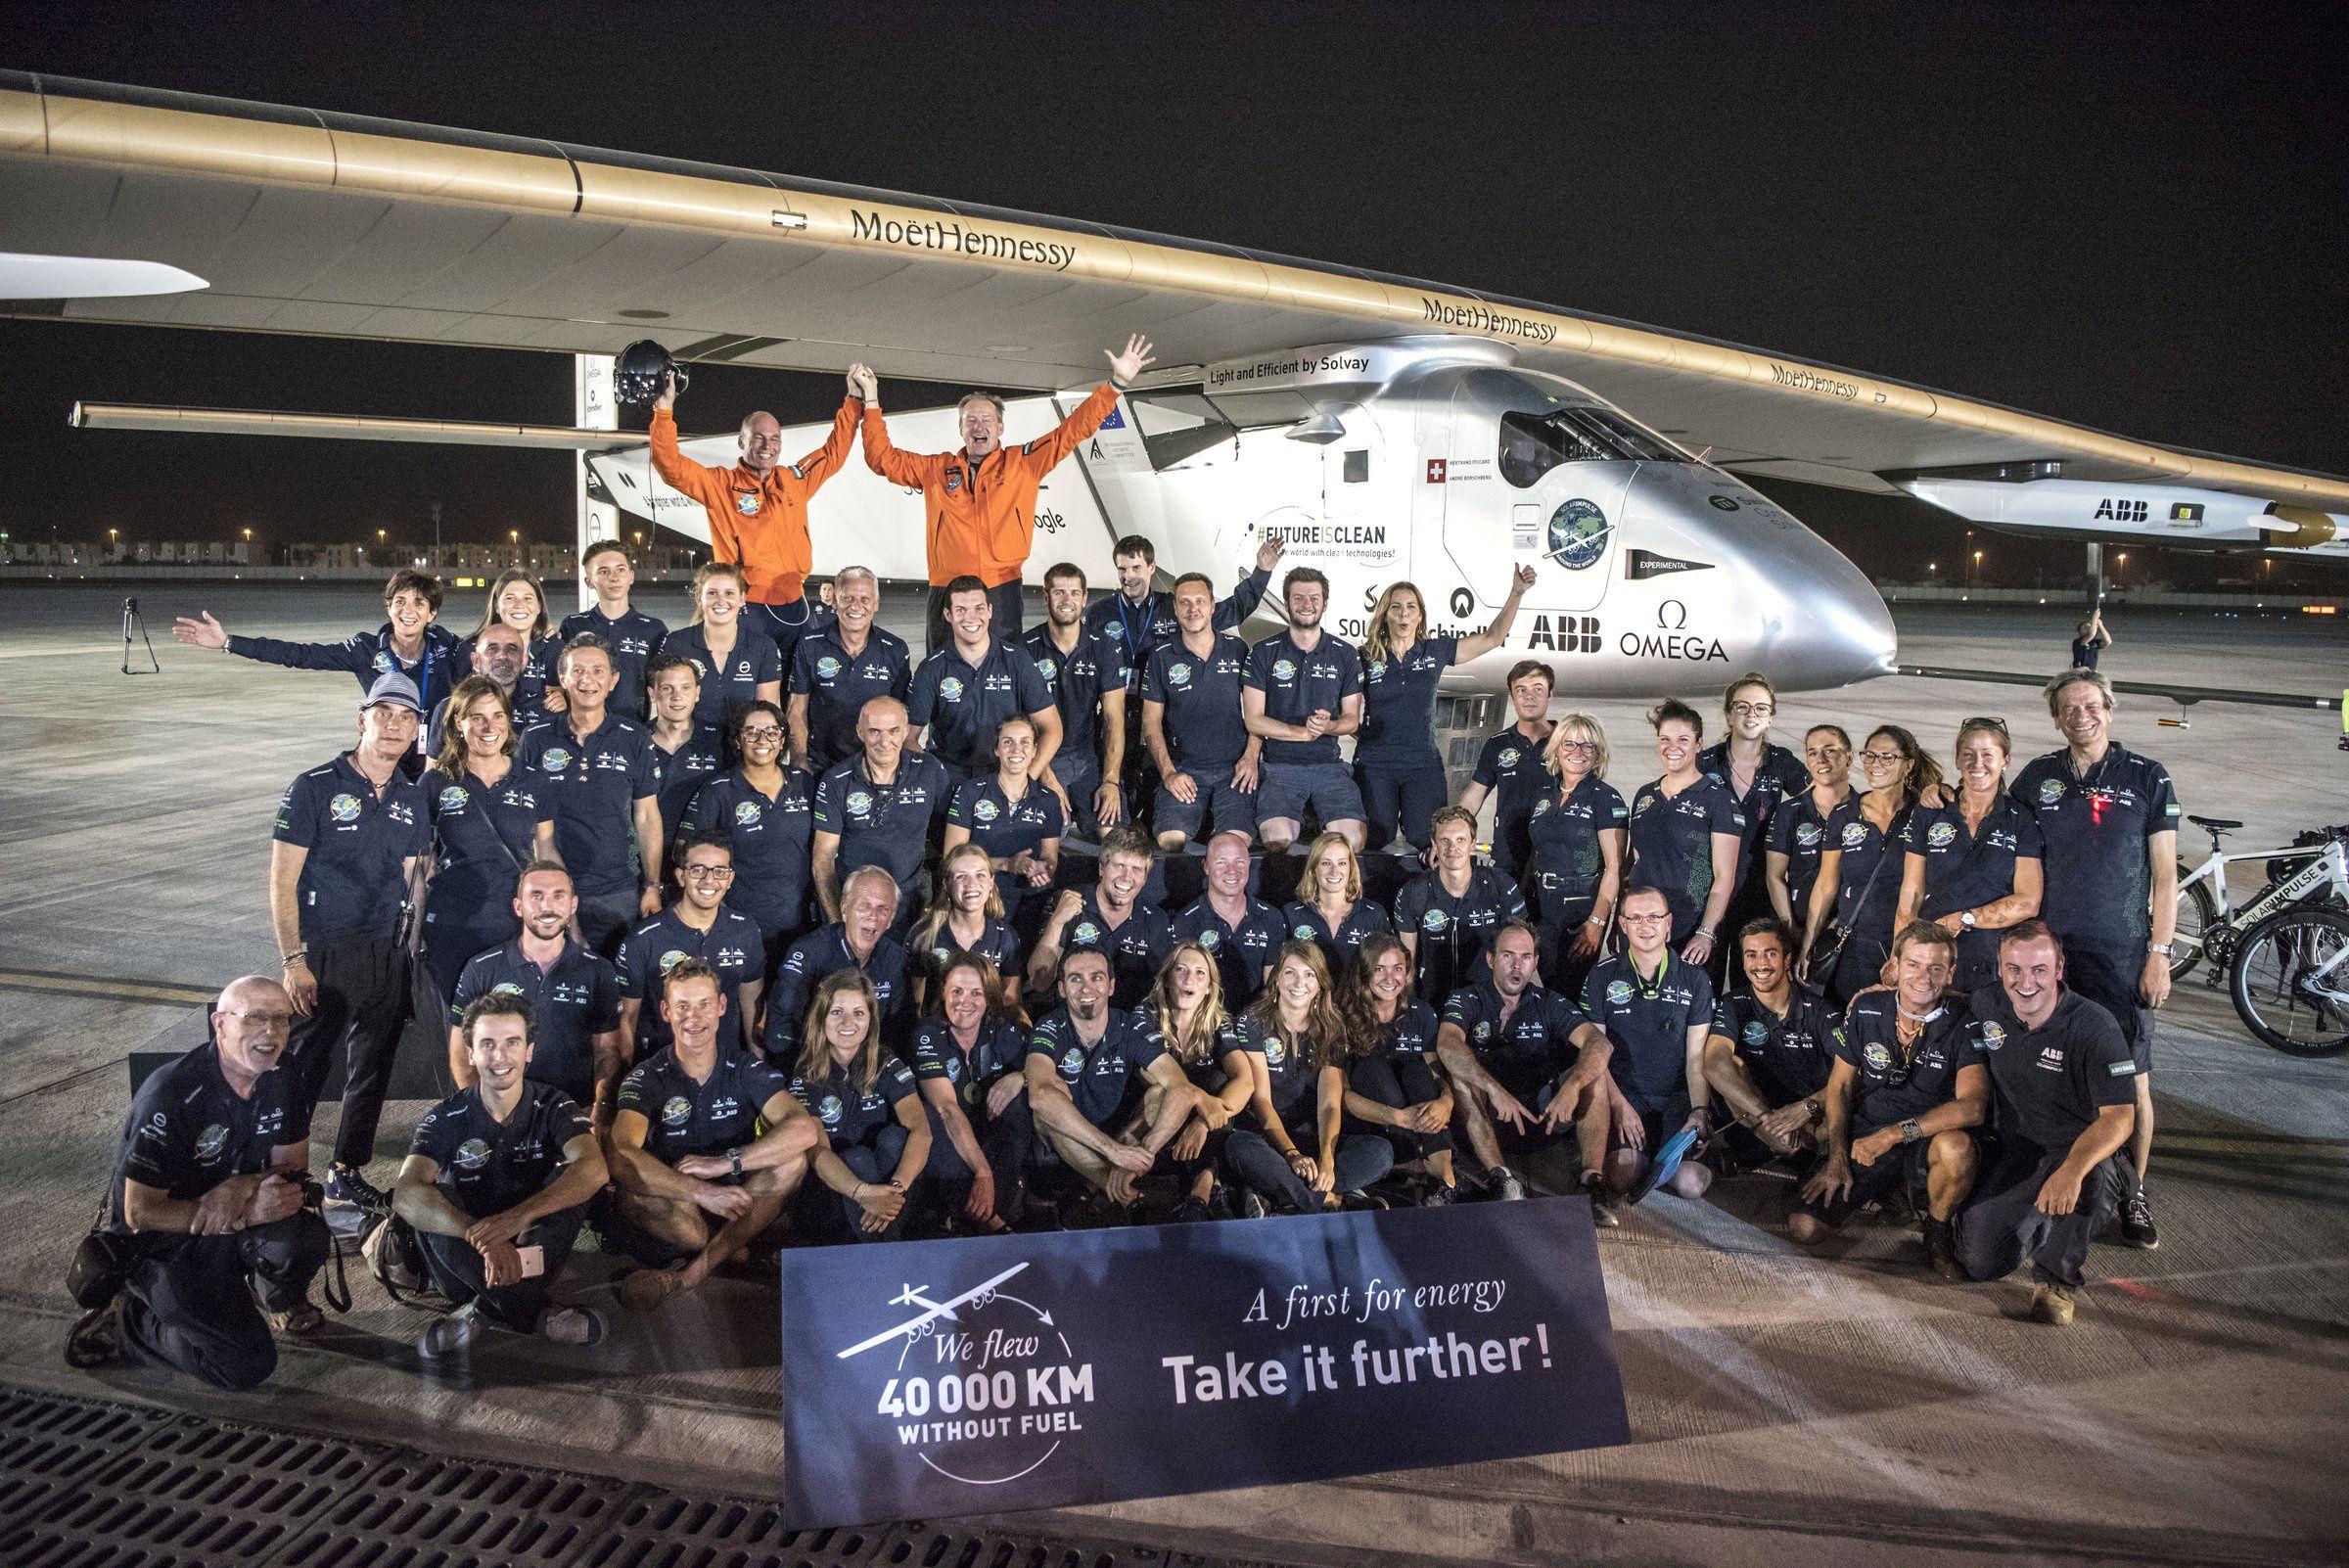 Les pionniers suisses Bertrand Piccard (à g.) et André Borschberg en joie avec l'équipe de Solar Impulse 2 après son atterrissage à Abou Dhabi, (Émirats Arabes Unis) le 26 Juillet 2016.